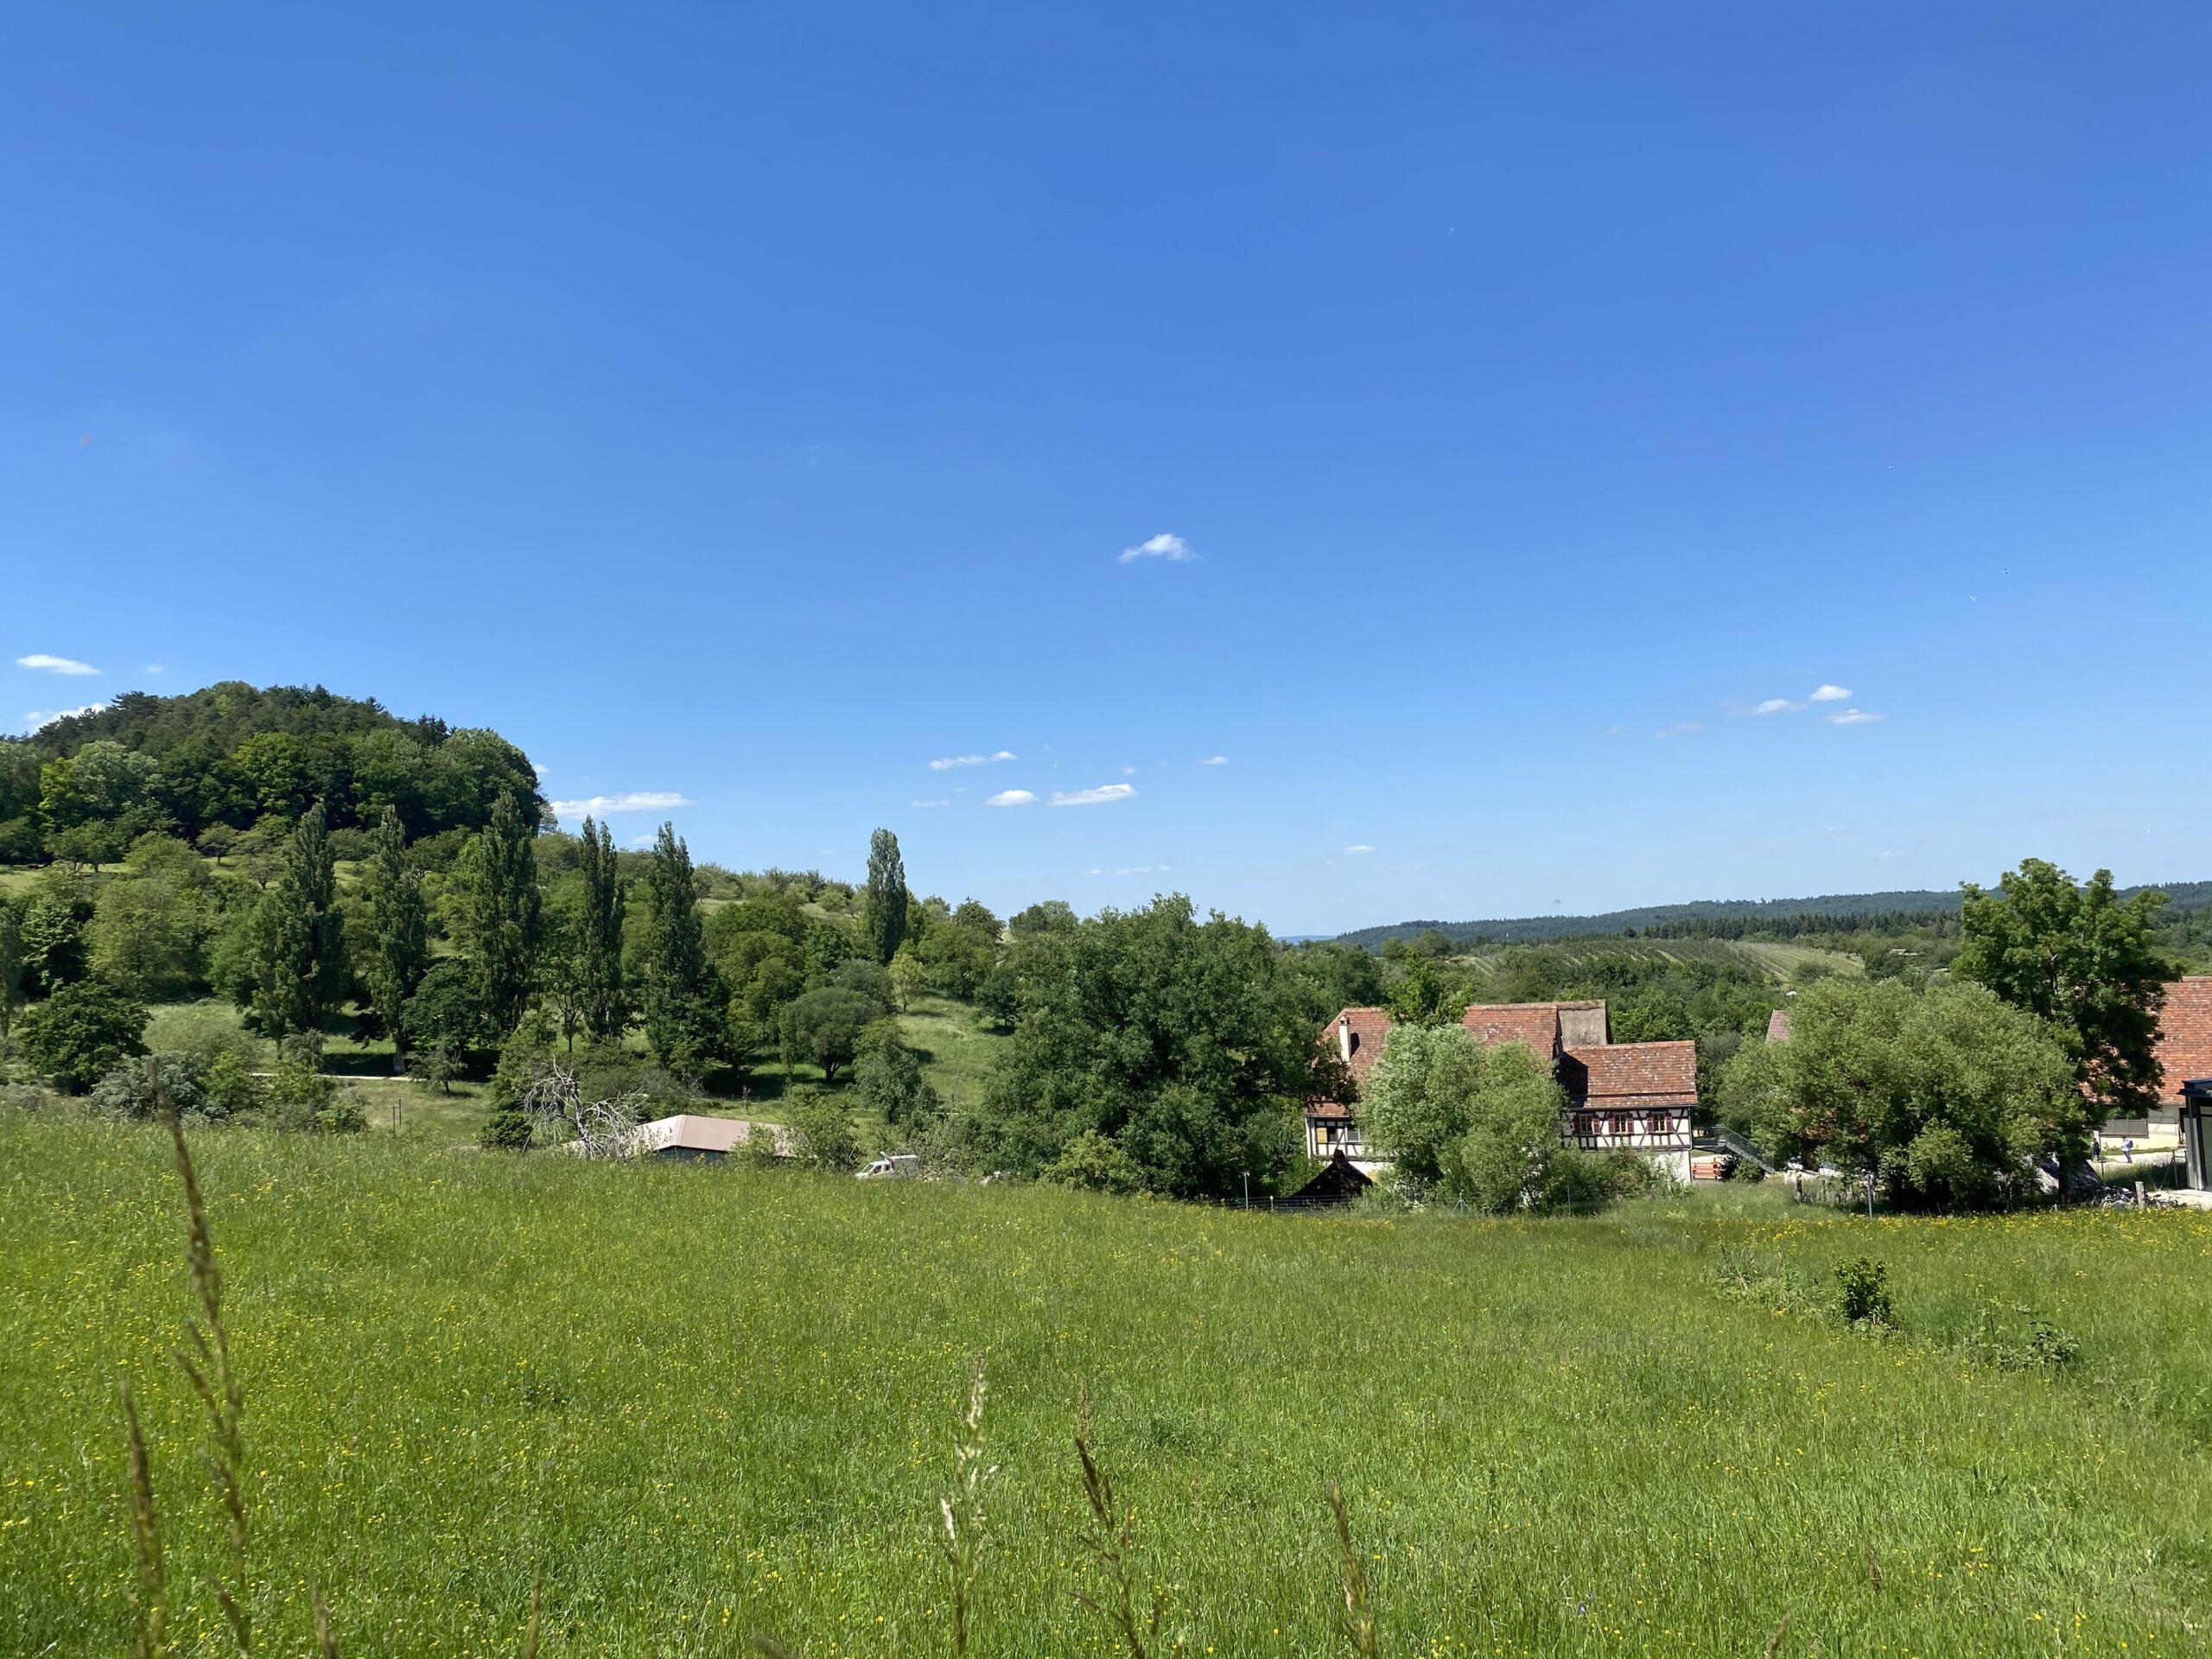 2. Glücksmoment der Woche vom 28. Mai bis 3. Juni 2020: Freilichtmuseum Beuren mit Fachwerkhäusern auf der schwäbischen Alb zwischen Hügeln und Wiesen